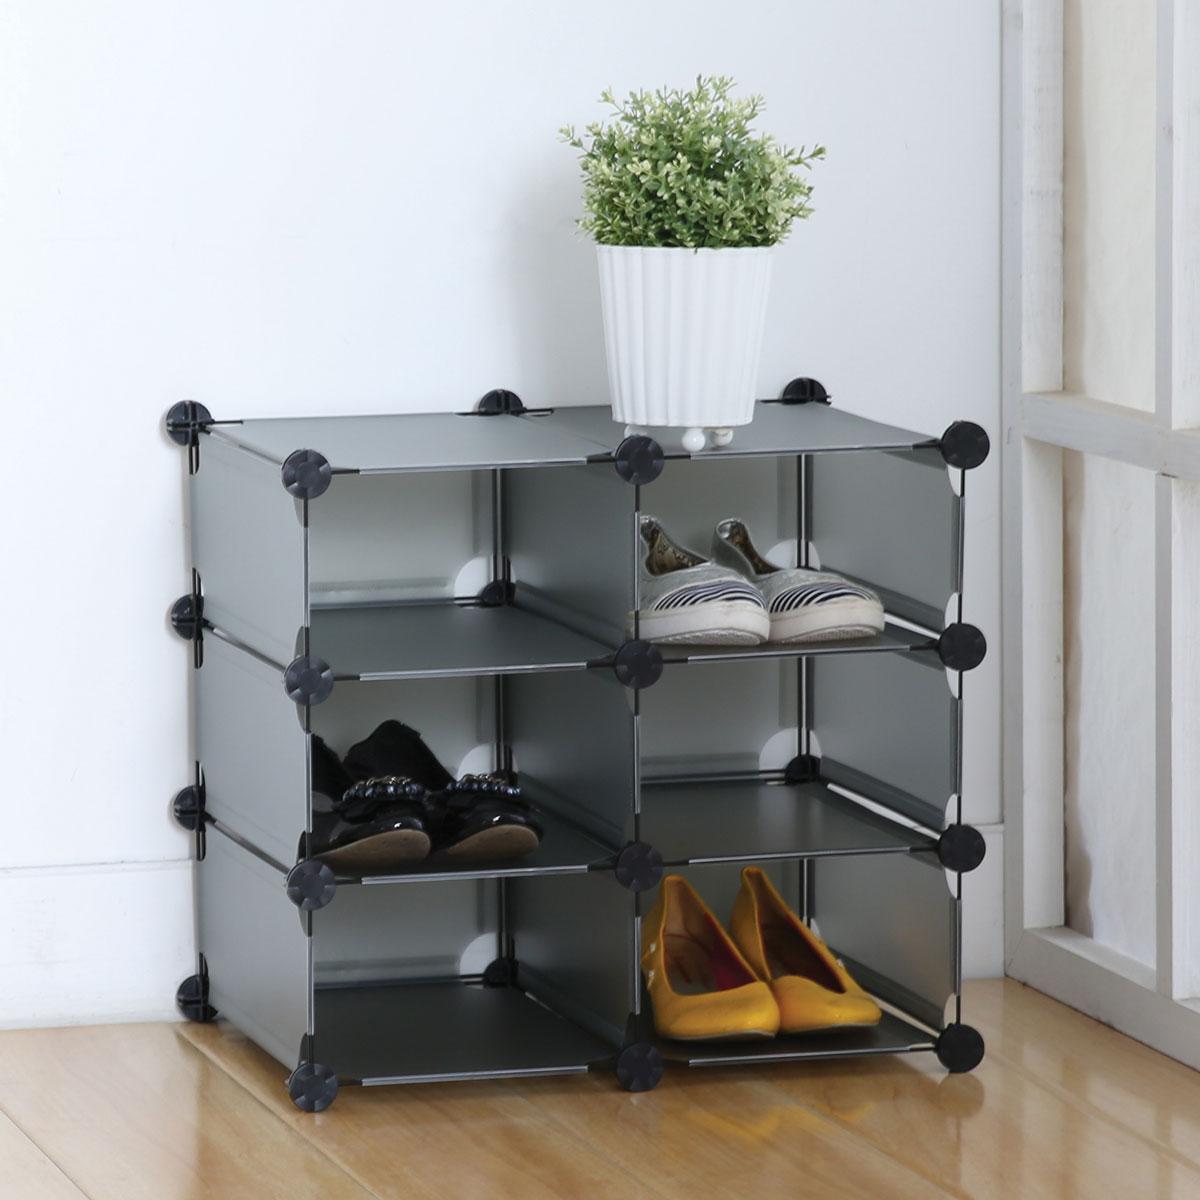 Стеллаж Miolla, 6 модулей, 49 х 33 х 44,5 смRG-D31SУниверсальный стеллаж Miolla состоит из 6 модулей, изготовлен из пластика. Такой стеллаж можно разместить где угодно: в ванной, в спальне, в прихожей. Благодаря стильному дизайну и компактному размеру, стеллаж займет достойное место в любом уголке дома.Размер стеллажа: 49 см х 33 см х 44,5 см.